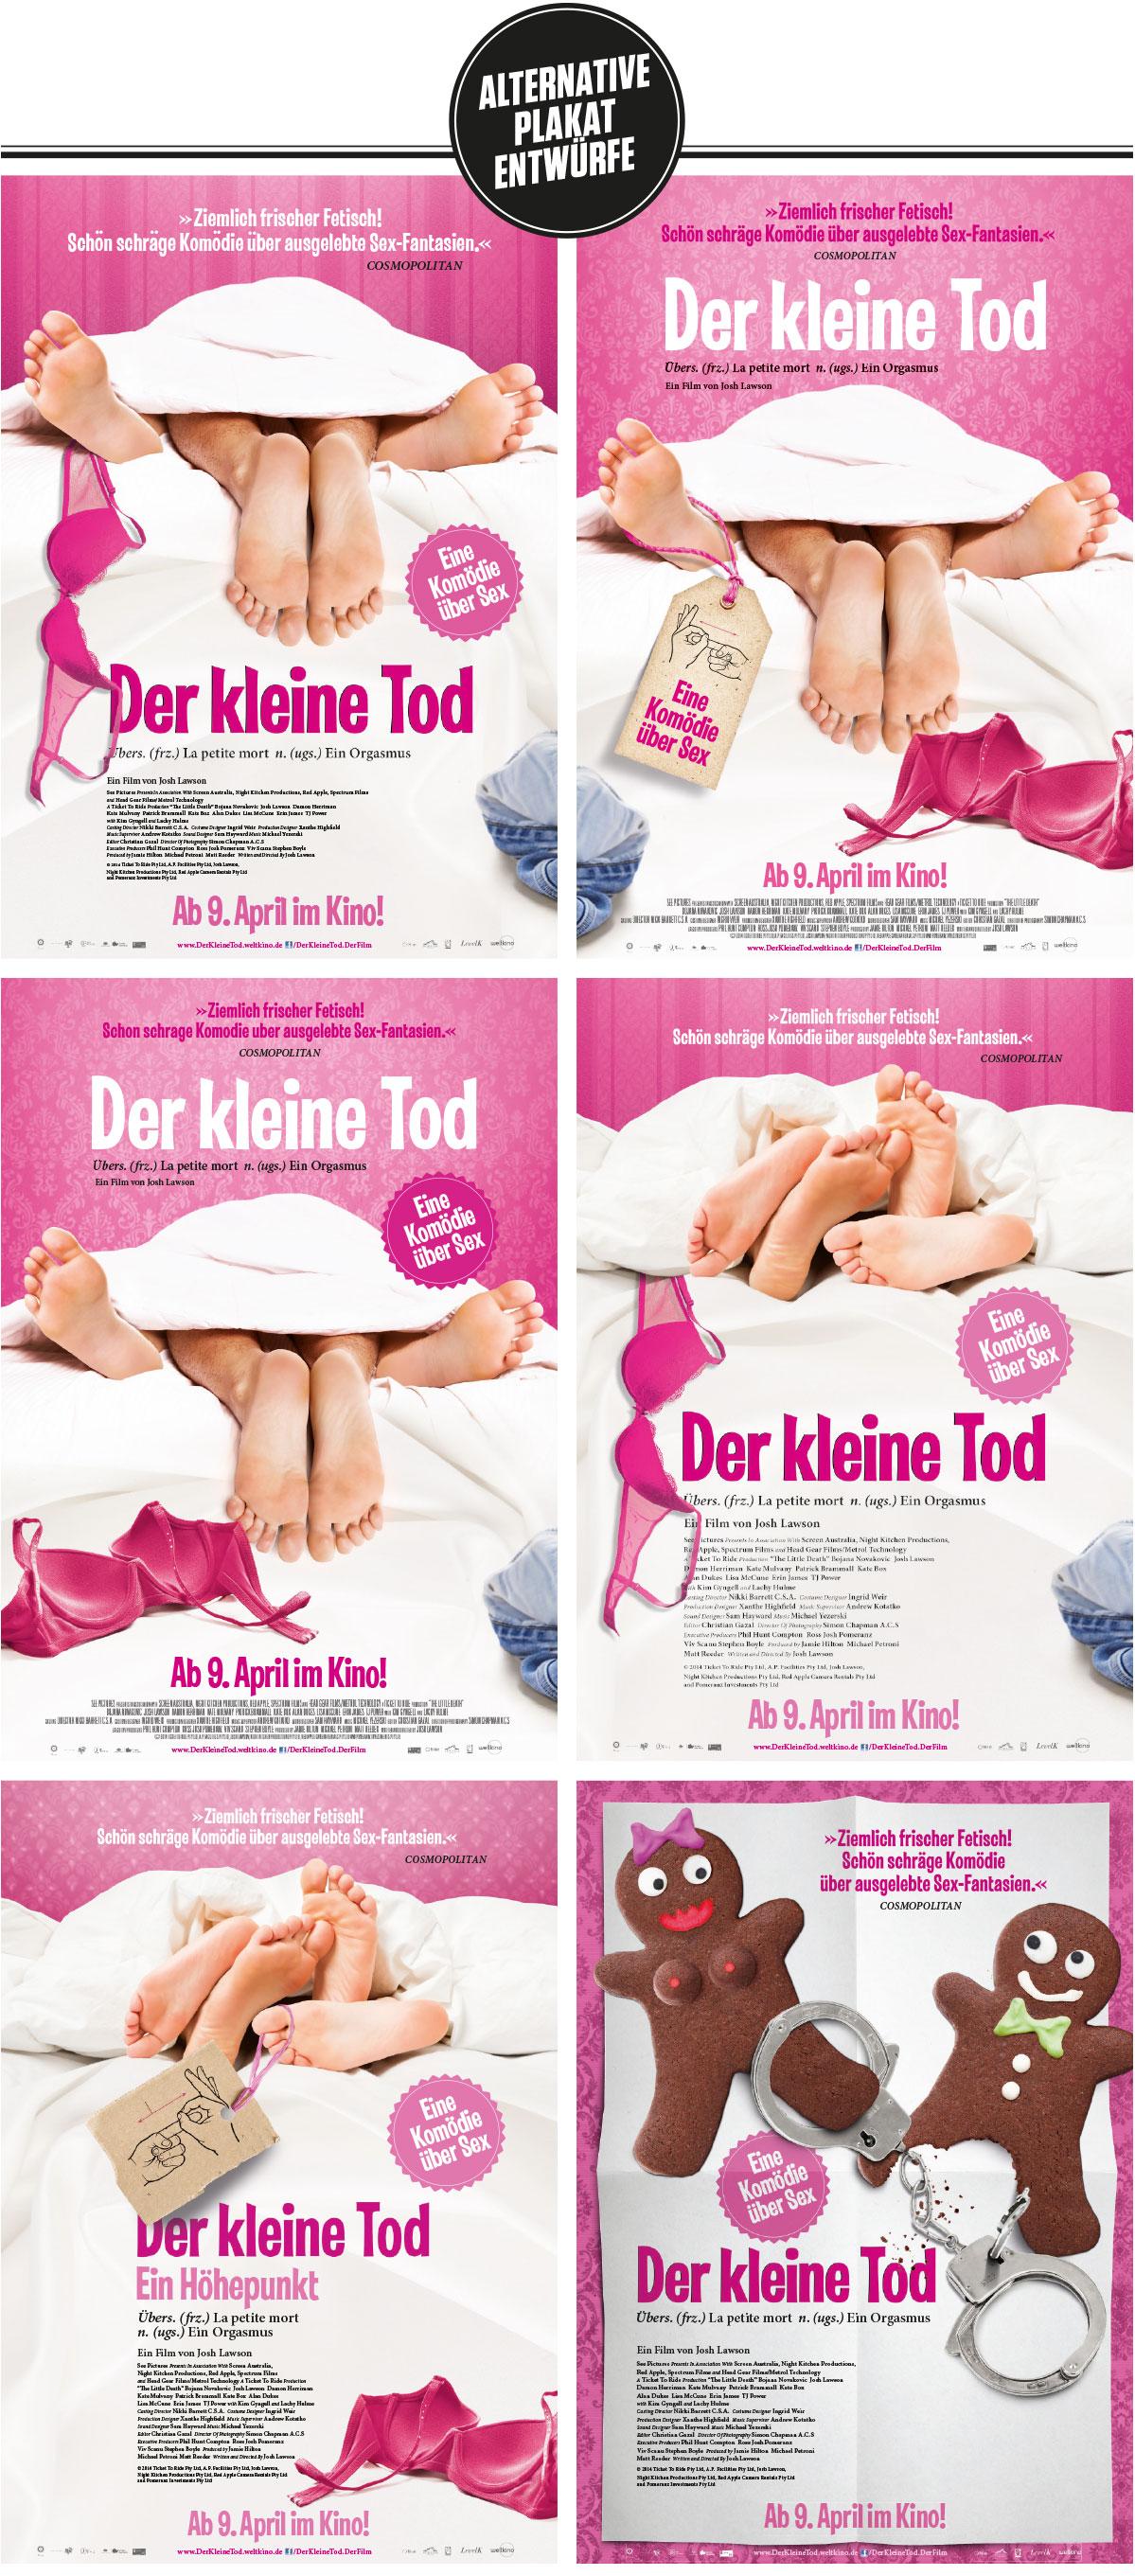 Der Kleine Tod Grafik Plakate Weltkino Affaire Populaire